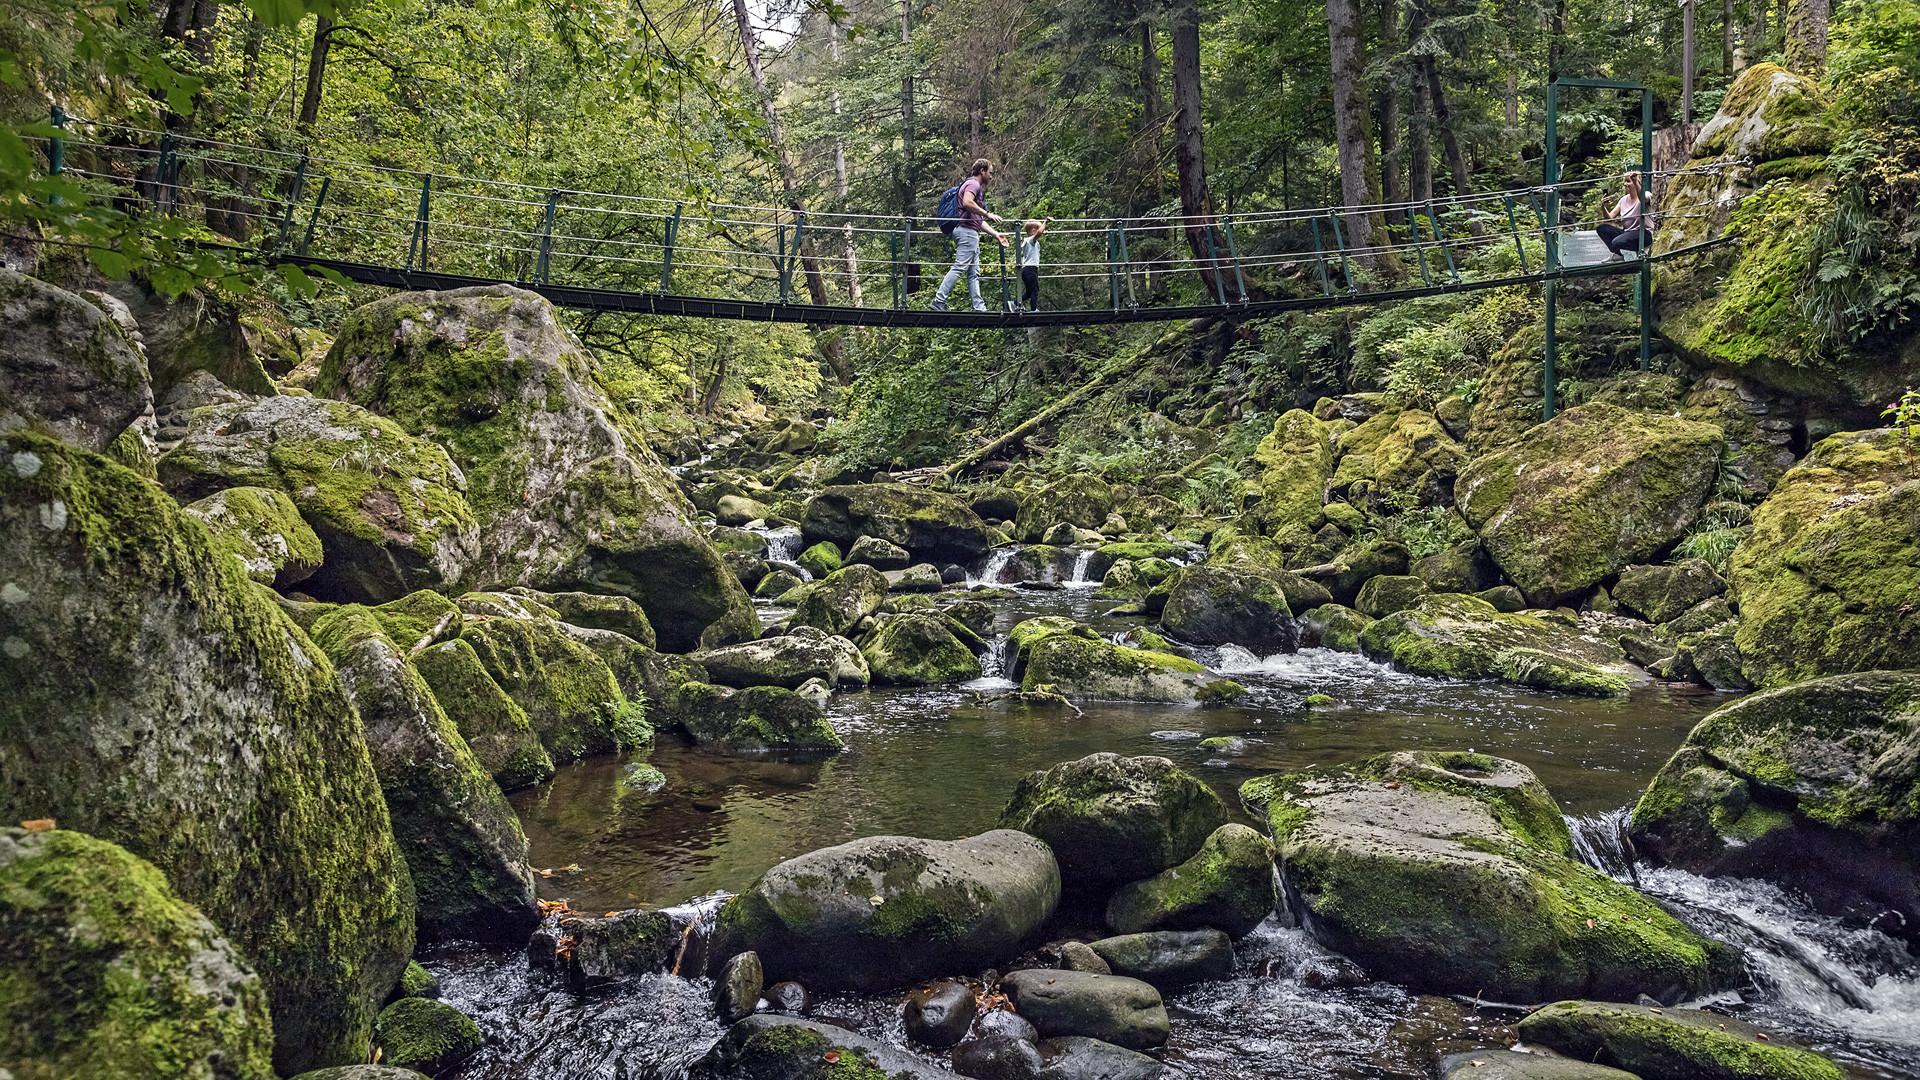 WILDBACHKLAMM - Buchberger Leite/Wolfsteiner Ohe (Bayerischer Wald)